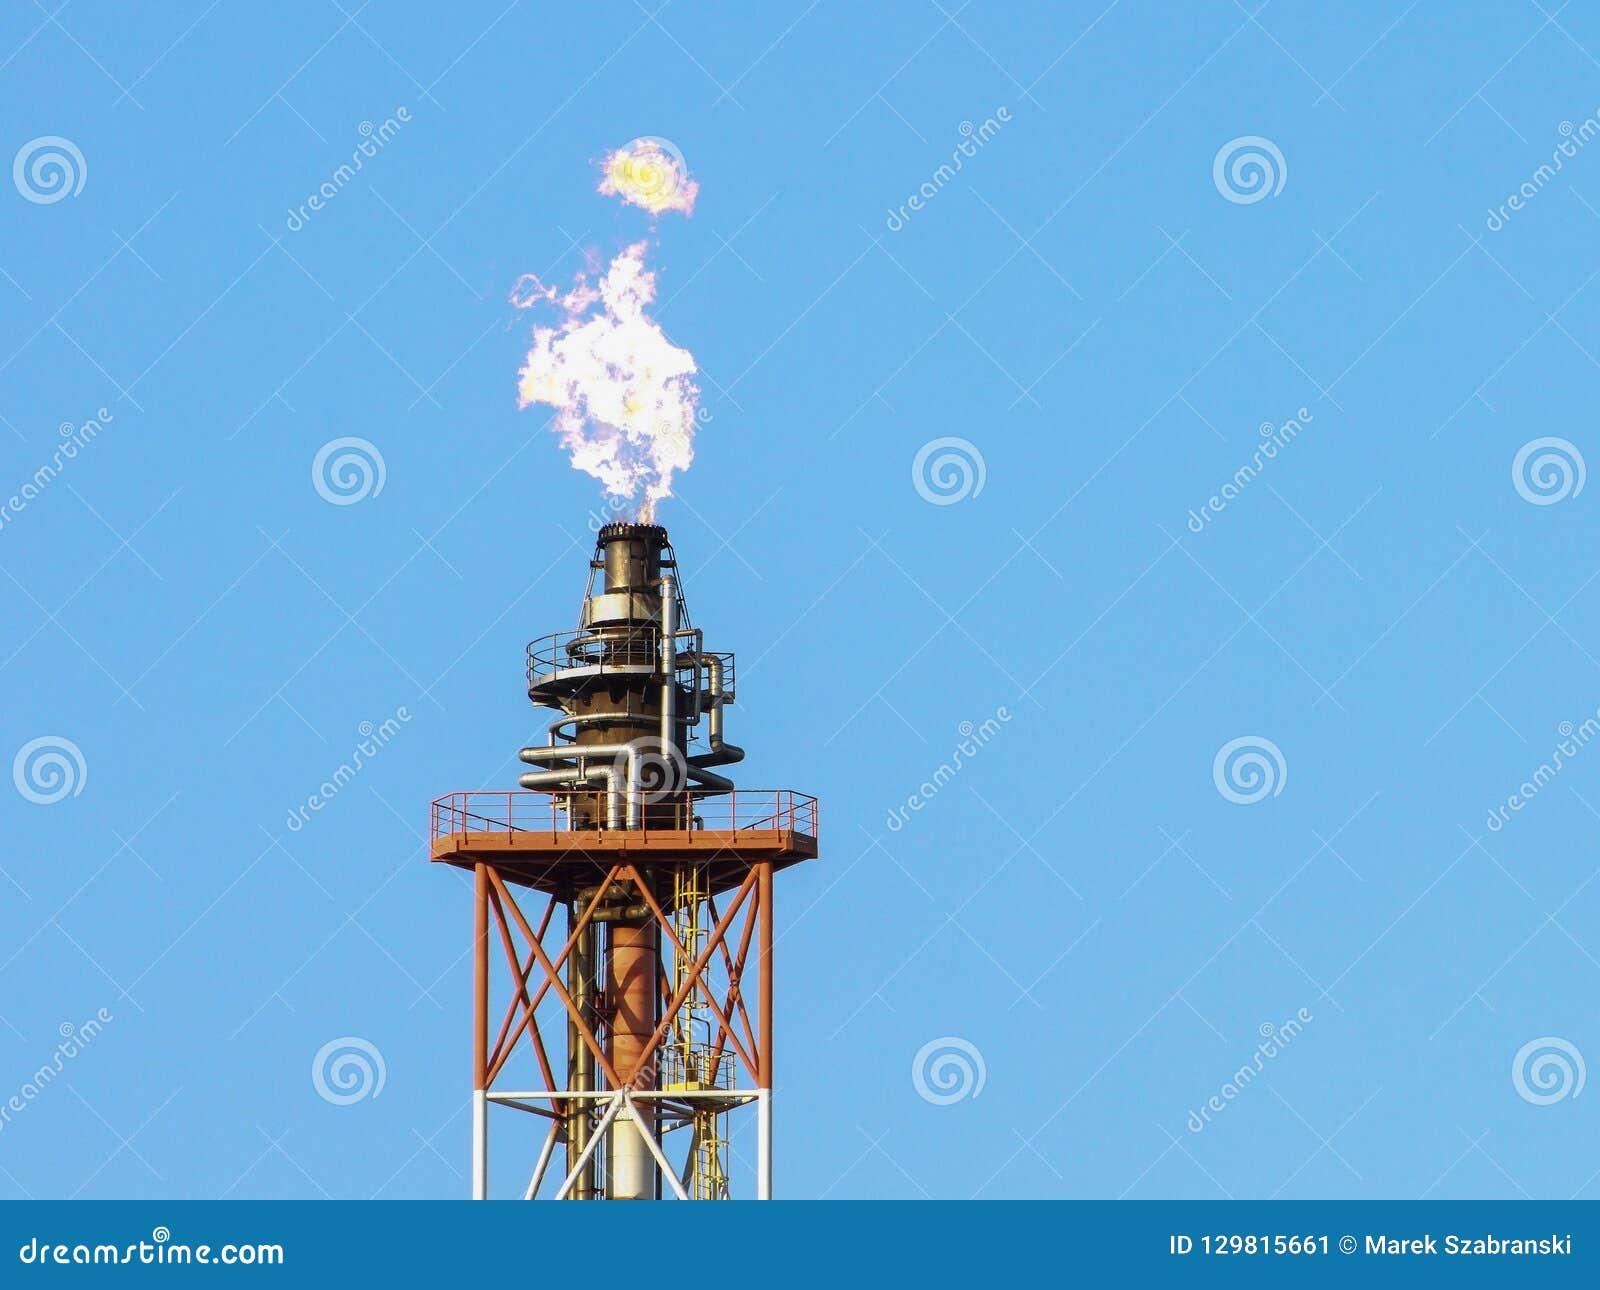 Flamme sur la tour de raffinerie